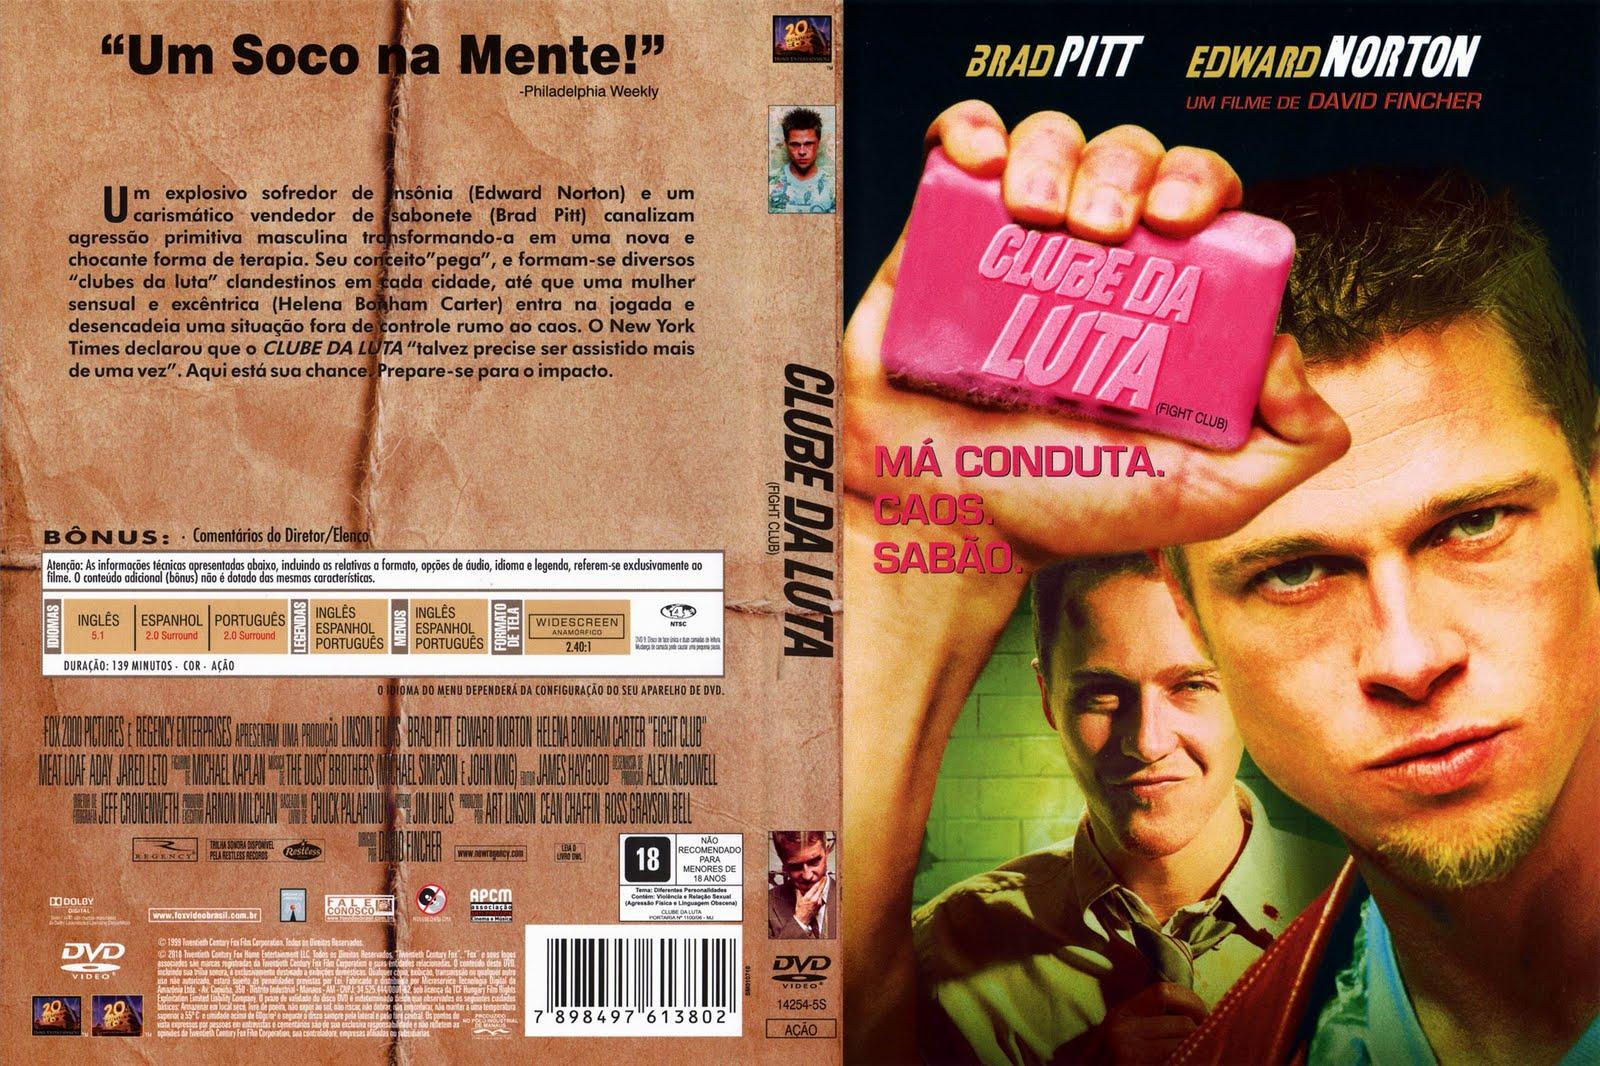 http://1.bp.blogspot.com/-ssj2O2_6E1g/Ta5E_Og0GOI/AAAAAAAAAuM/TLktnmbtu6I/s1600/Clube-Da-Luta.jpg